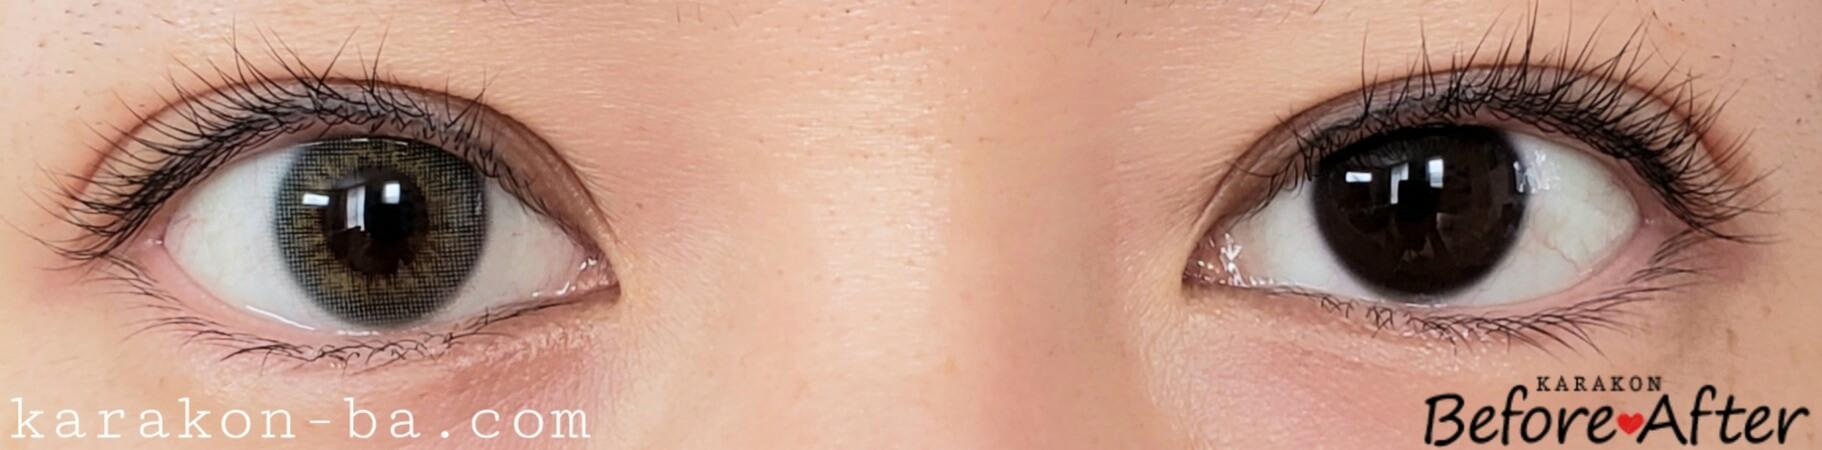 ミルキーグレーのカラコン装着画像/裸眼と比較